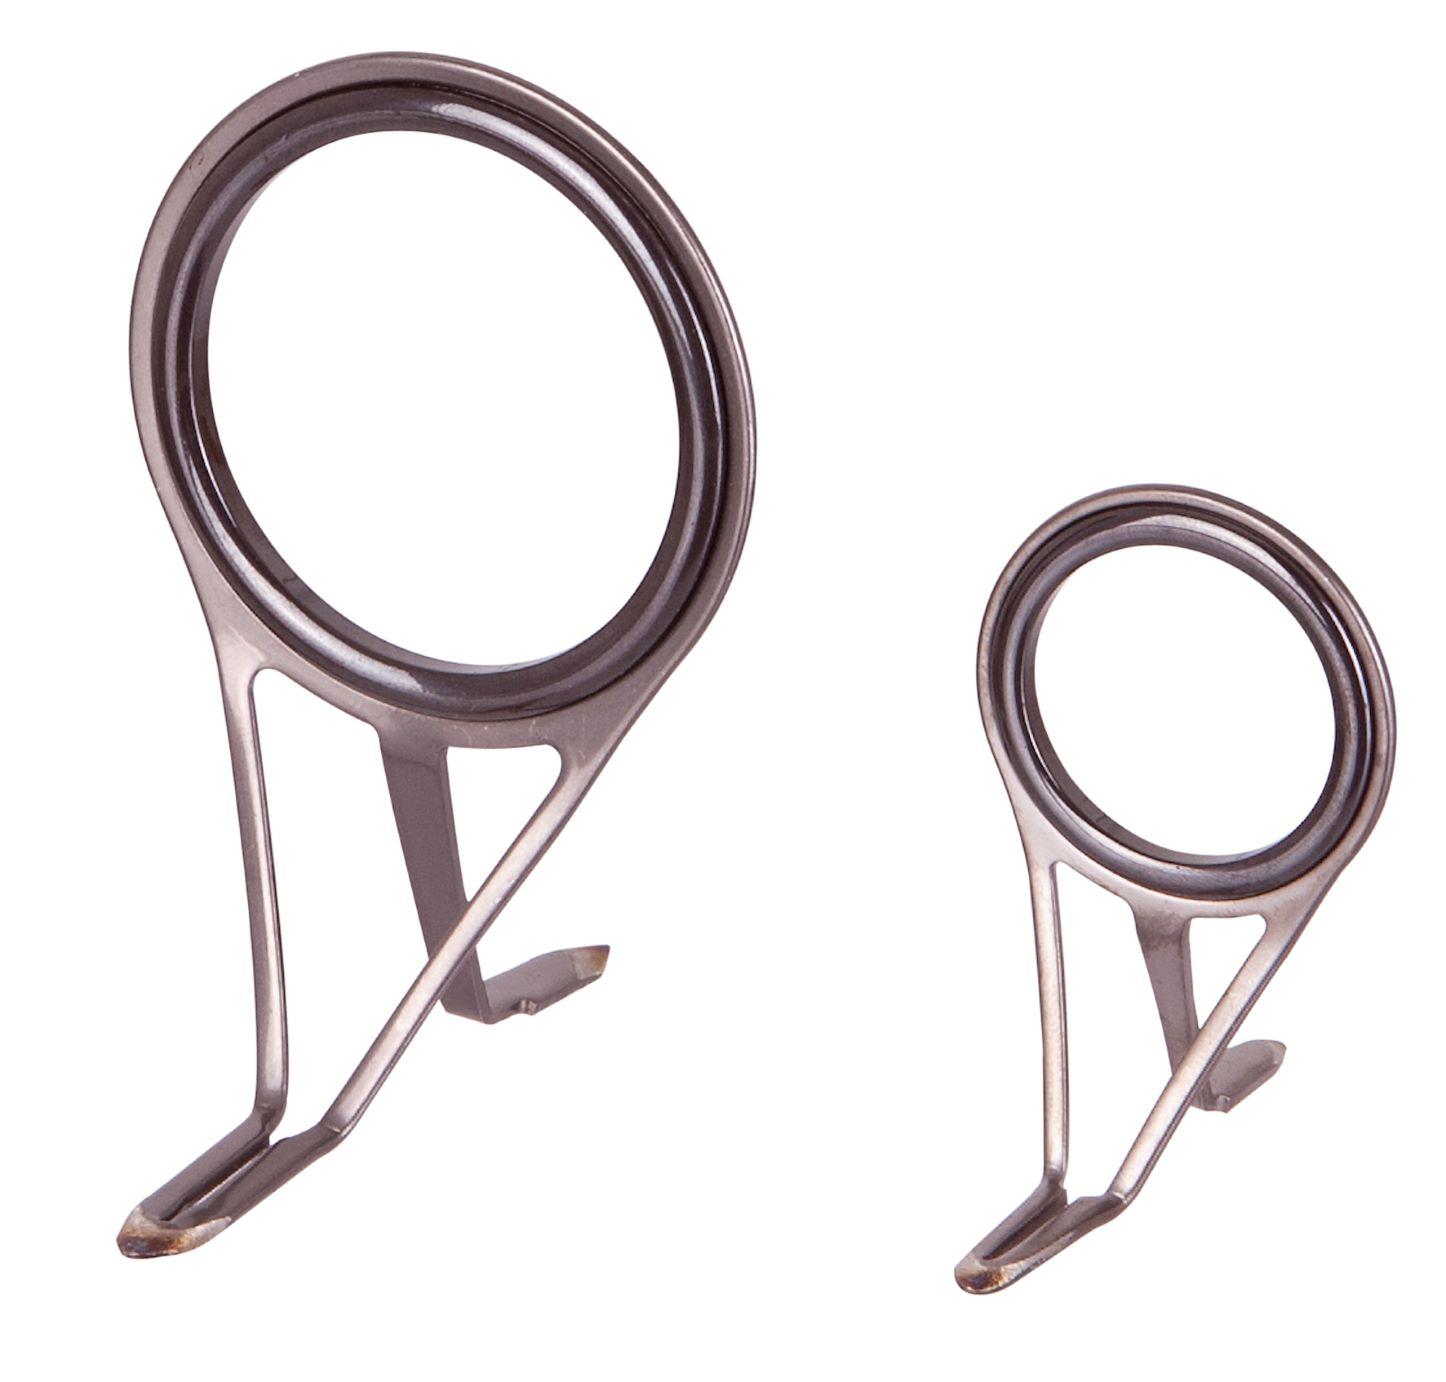 Náhradné očko Anaconda TSG Gunsmoke - priebežné priemer: 16 mm